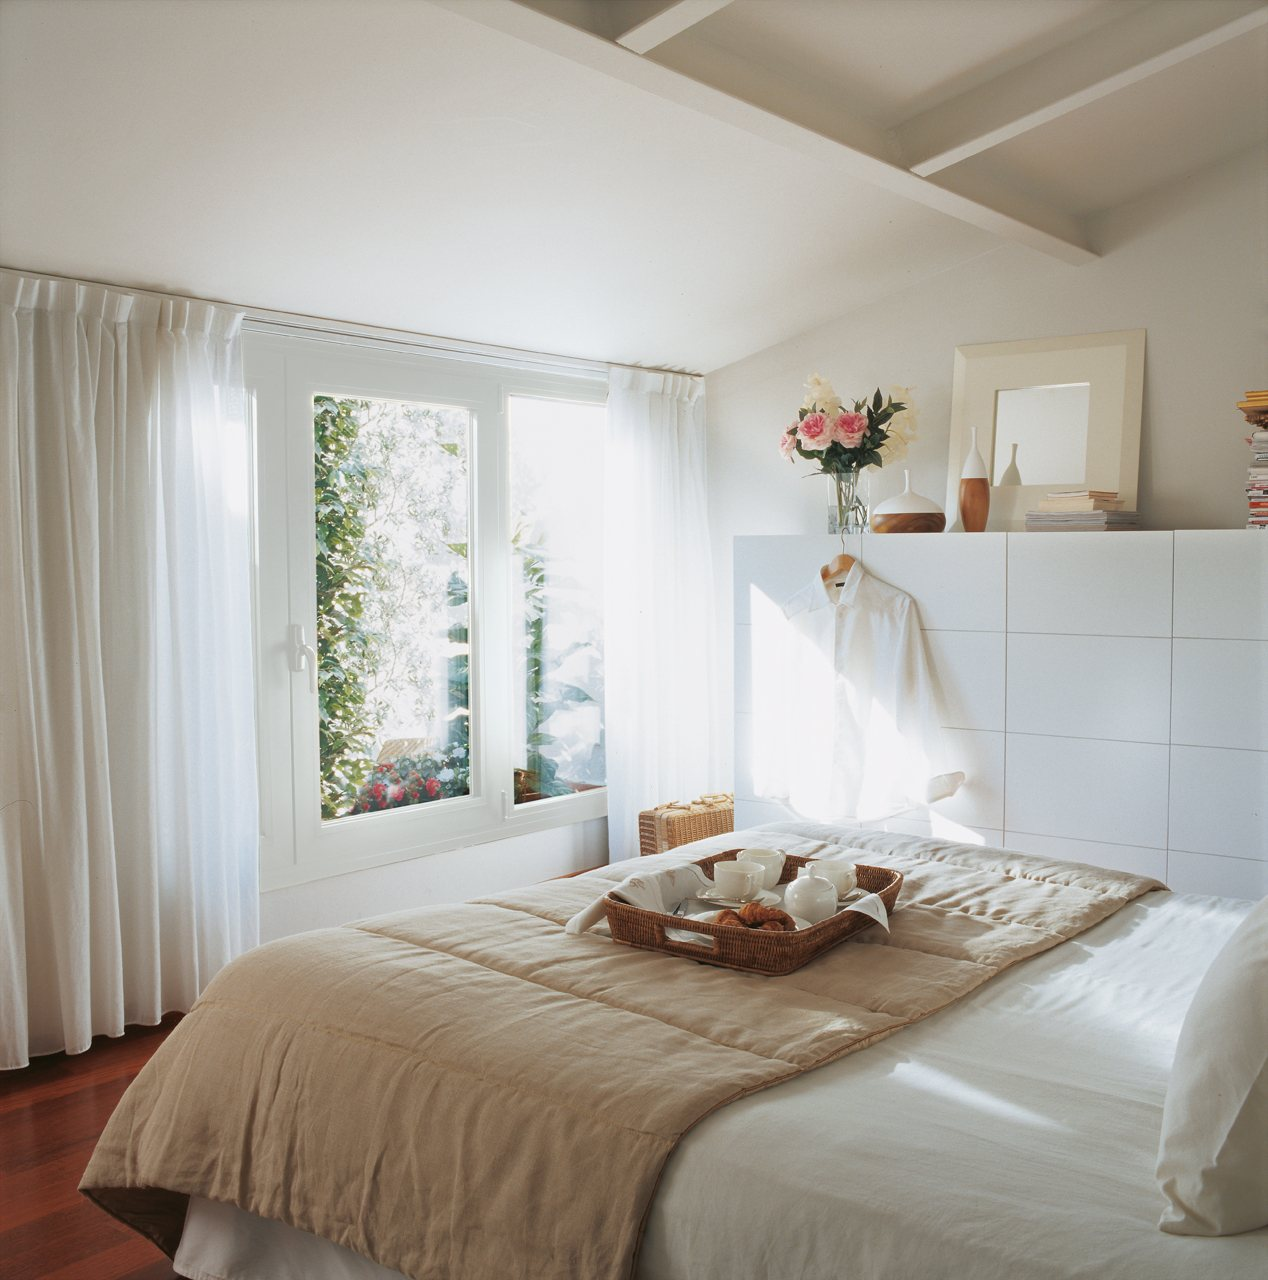 M s espacio para guardar en el dormitorio for El mueble armarios